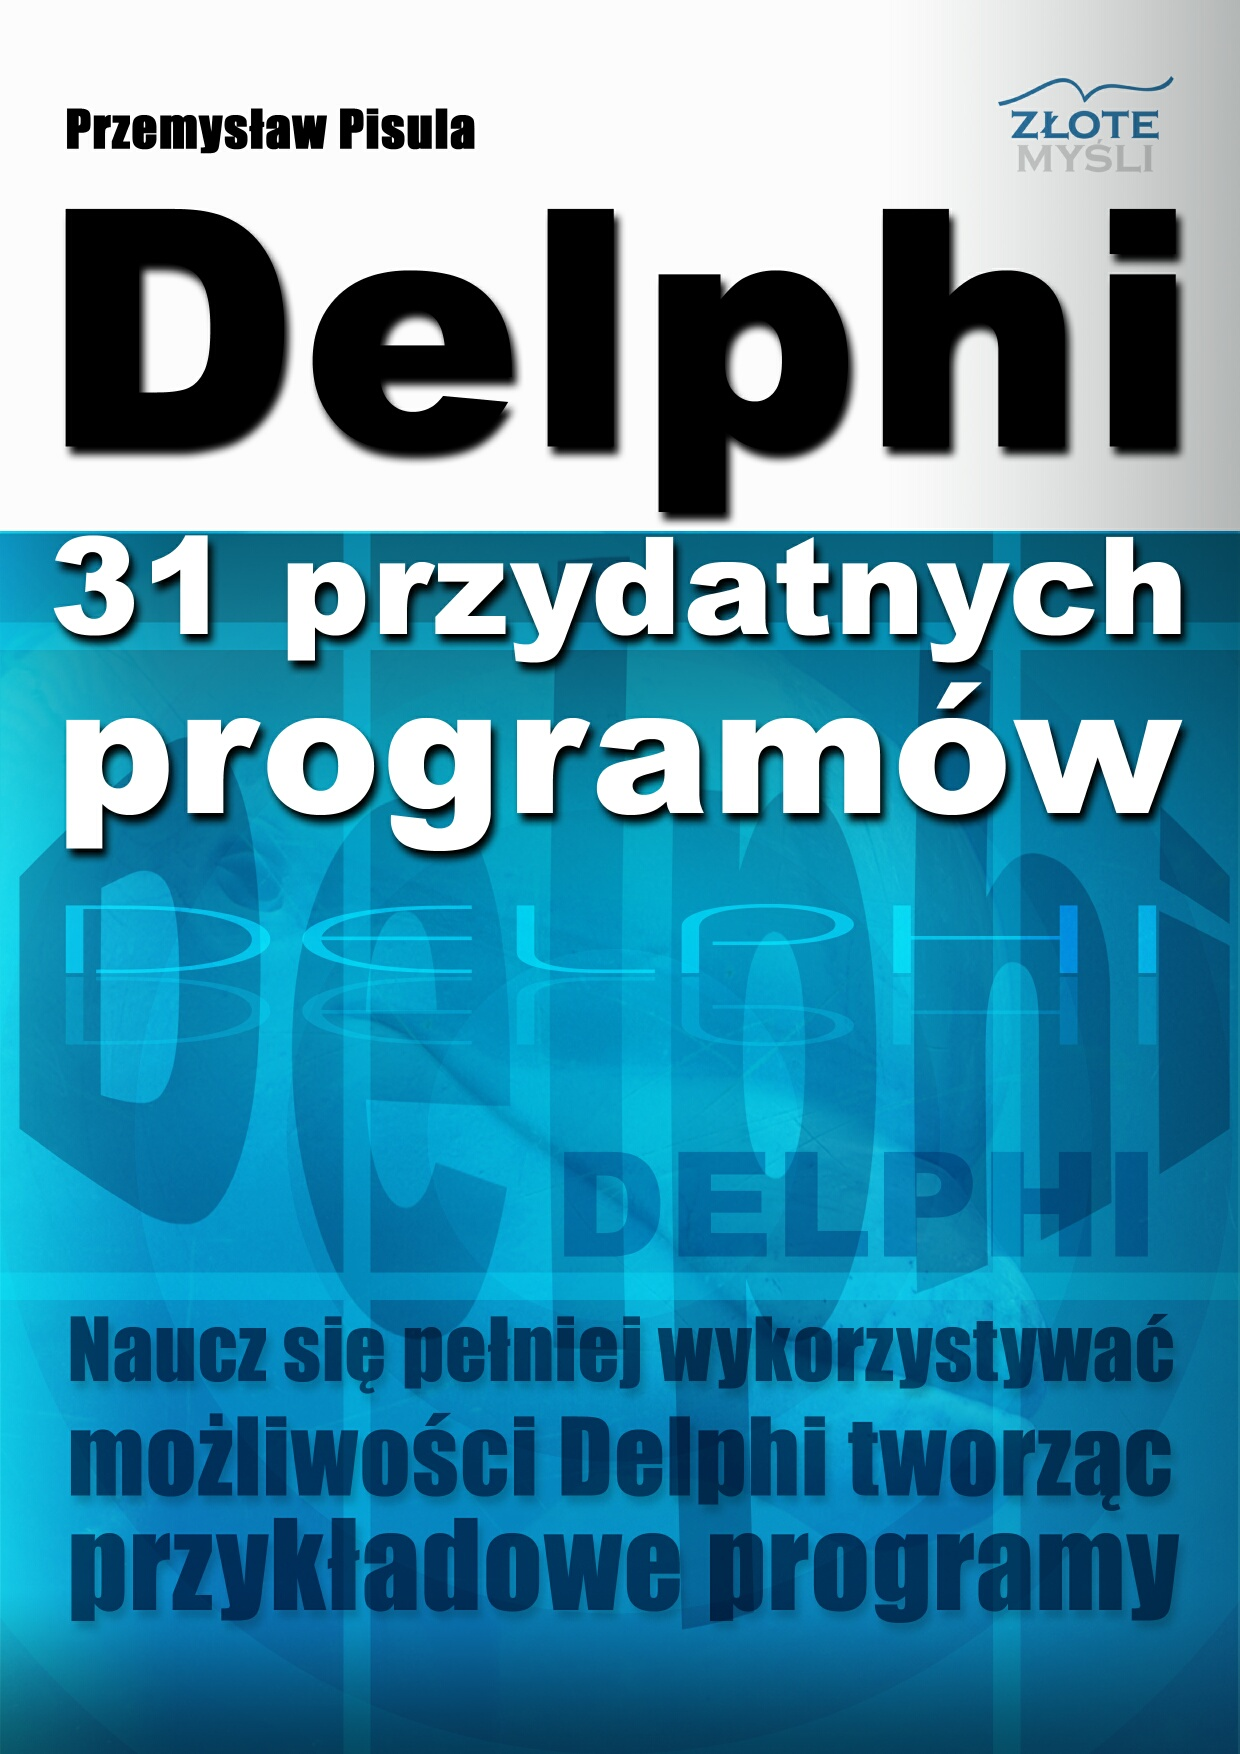 Przemysław Pisula: Delphi - 31 przydatnych programów - okładka